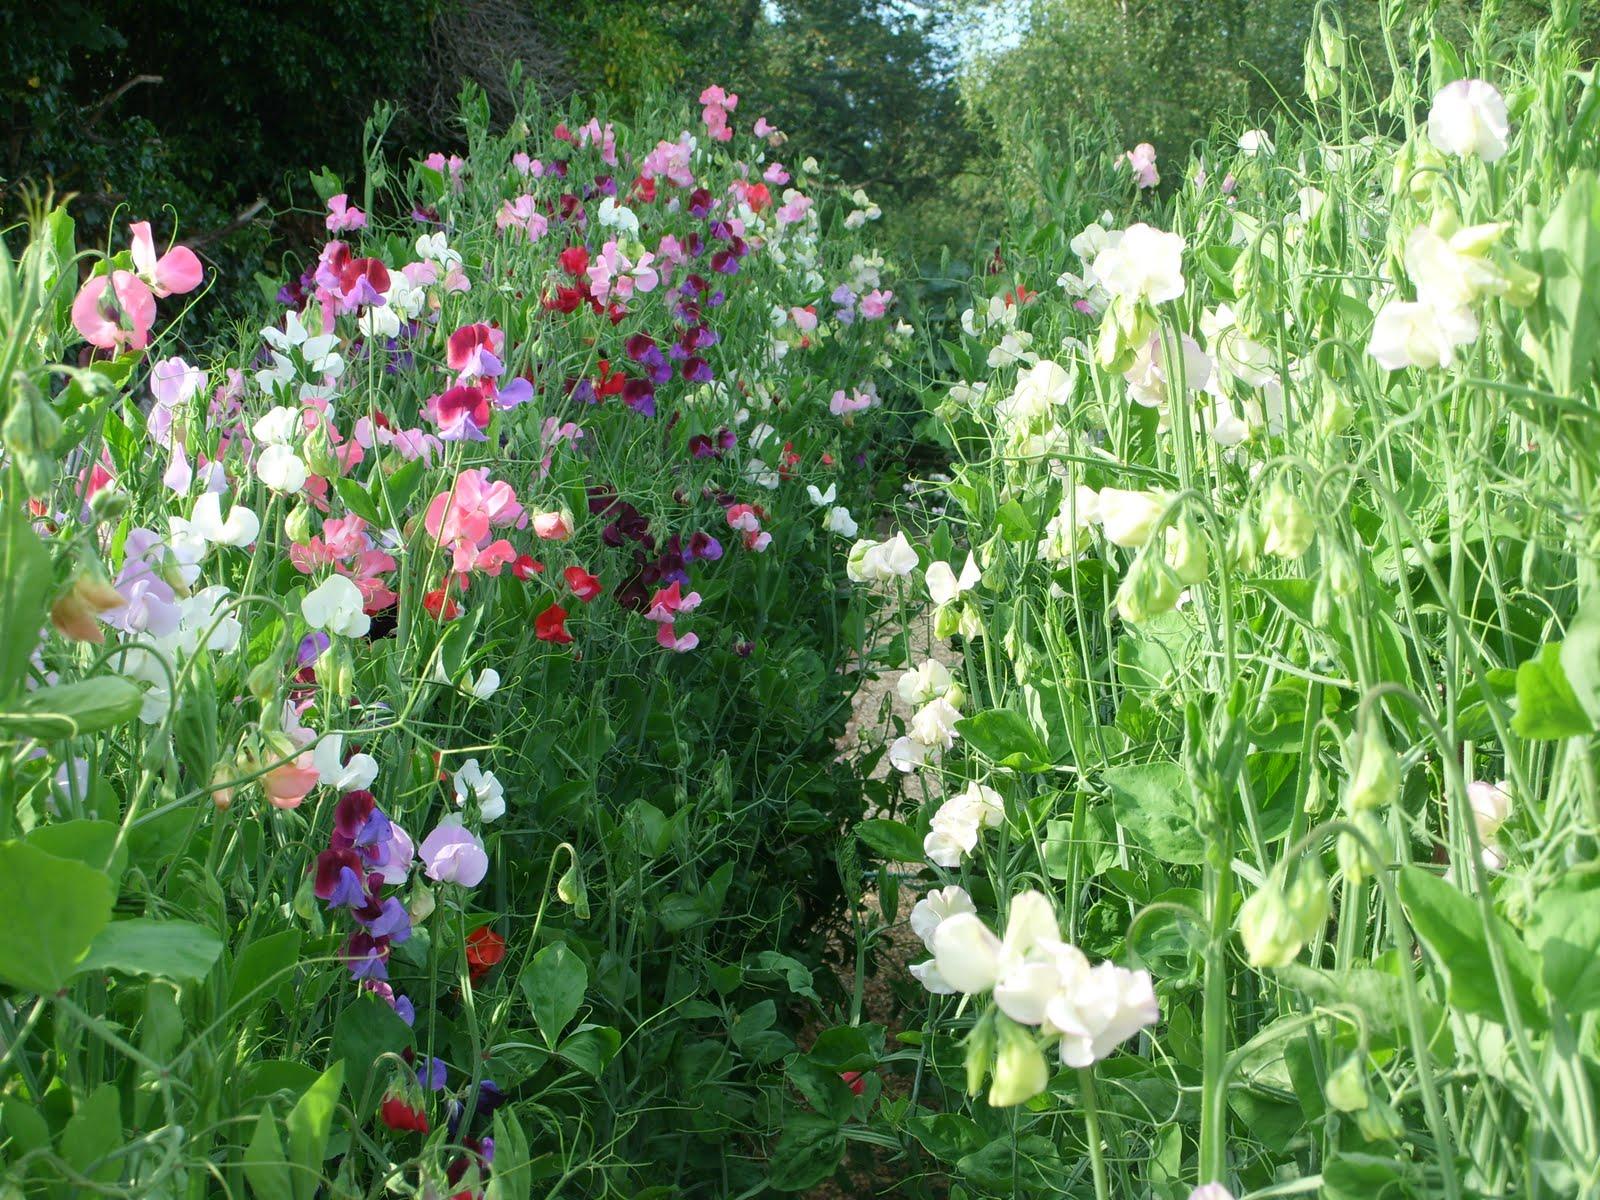 Choosing a plot for your cutting patch – Cut Flower Garden Plan